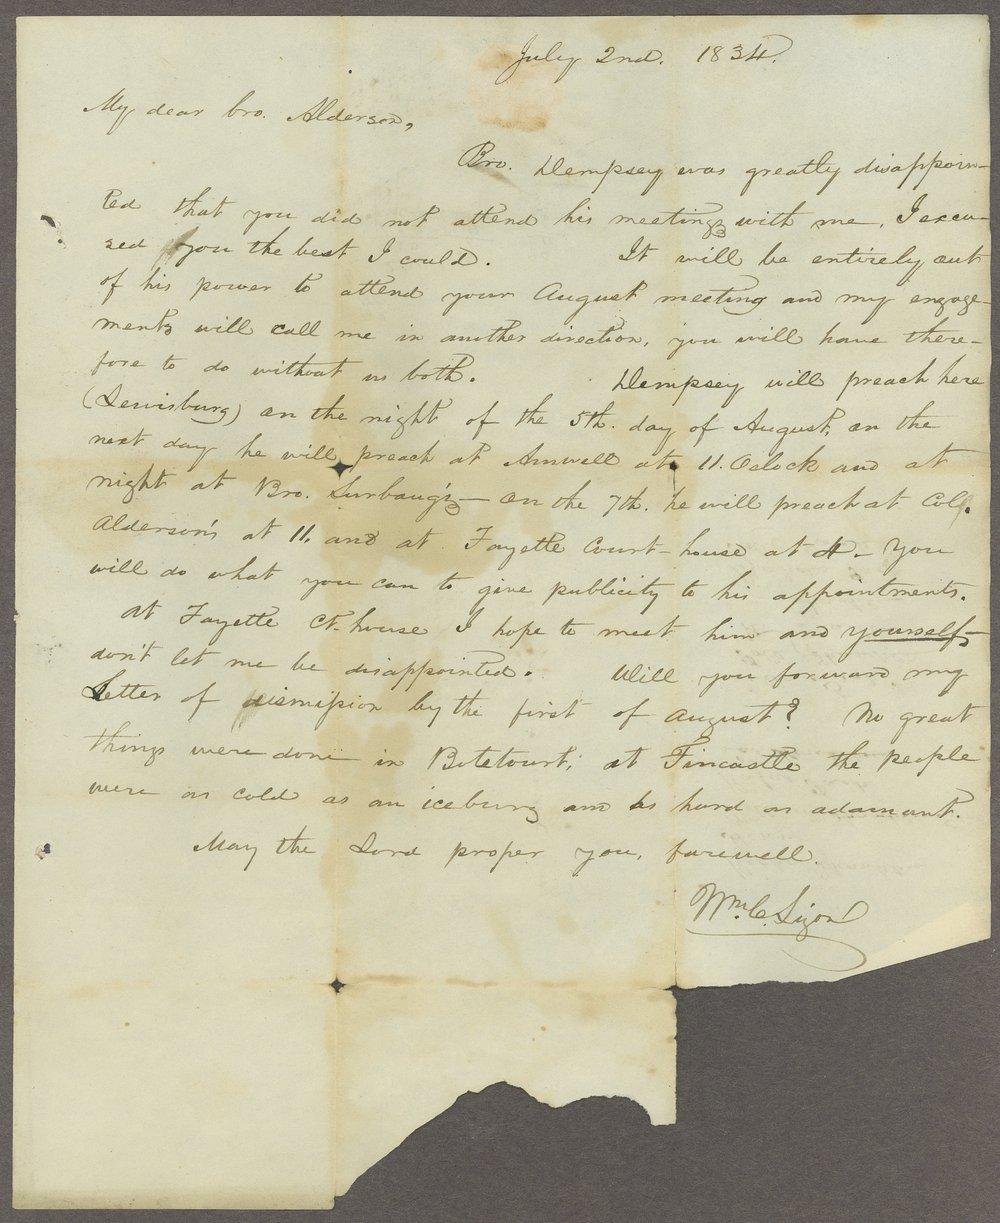 William C. Sigon to Lewis Allen Alderson - 6